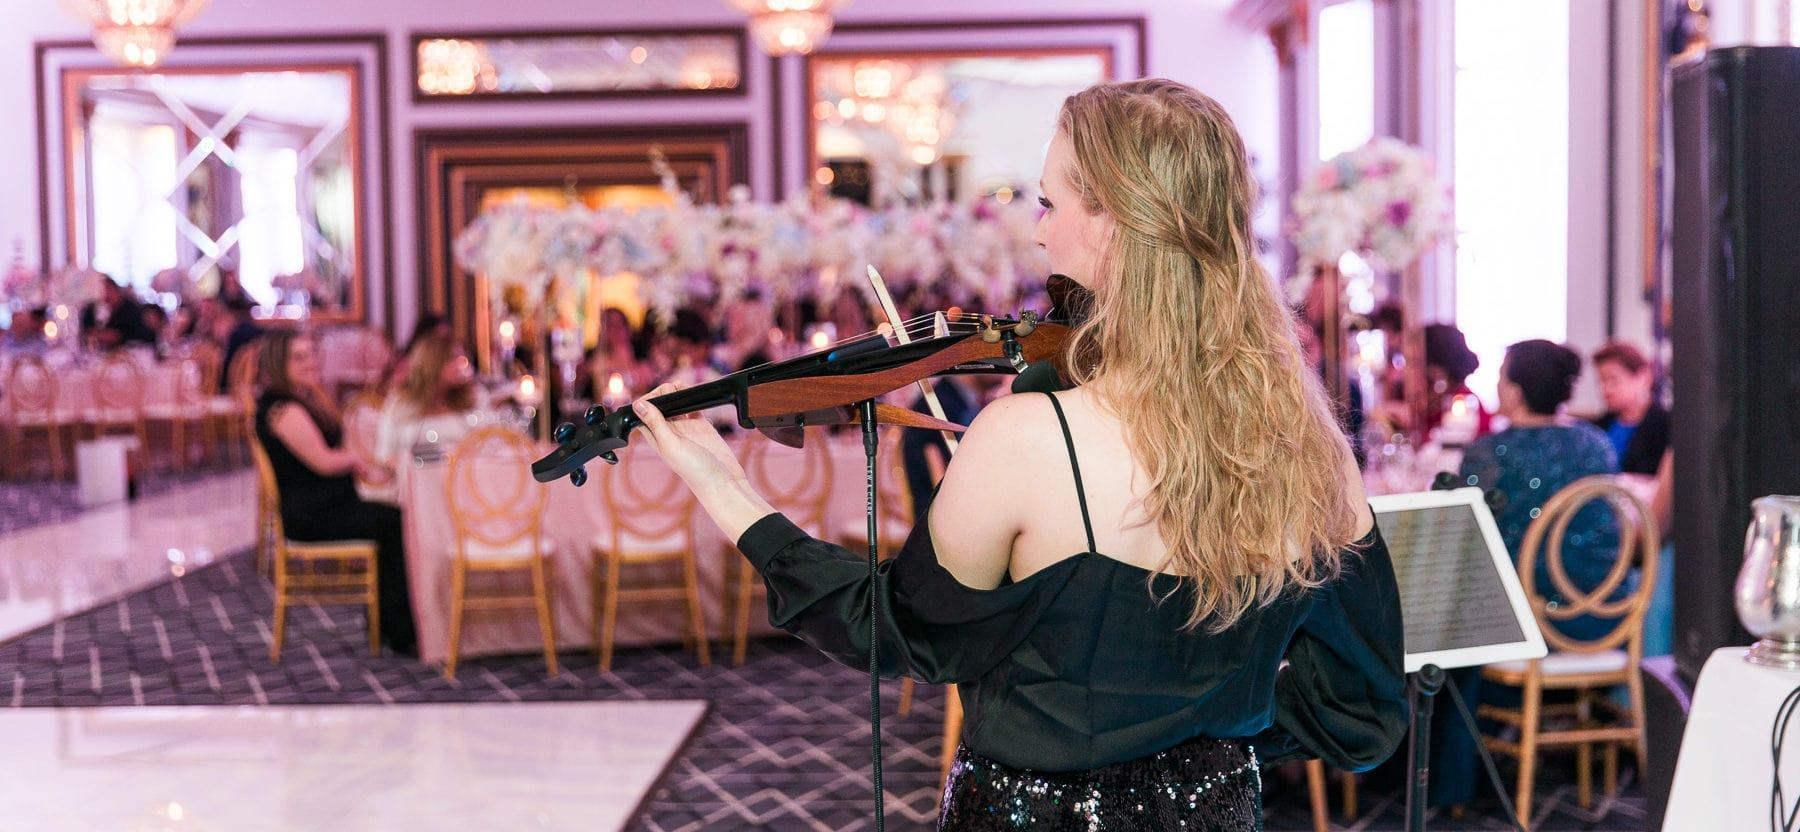 Los Angeles Electric Violinist Quincea?era 2019